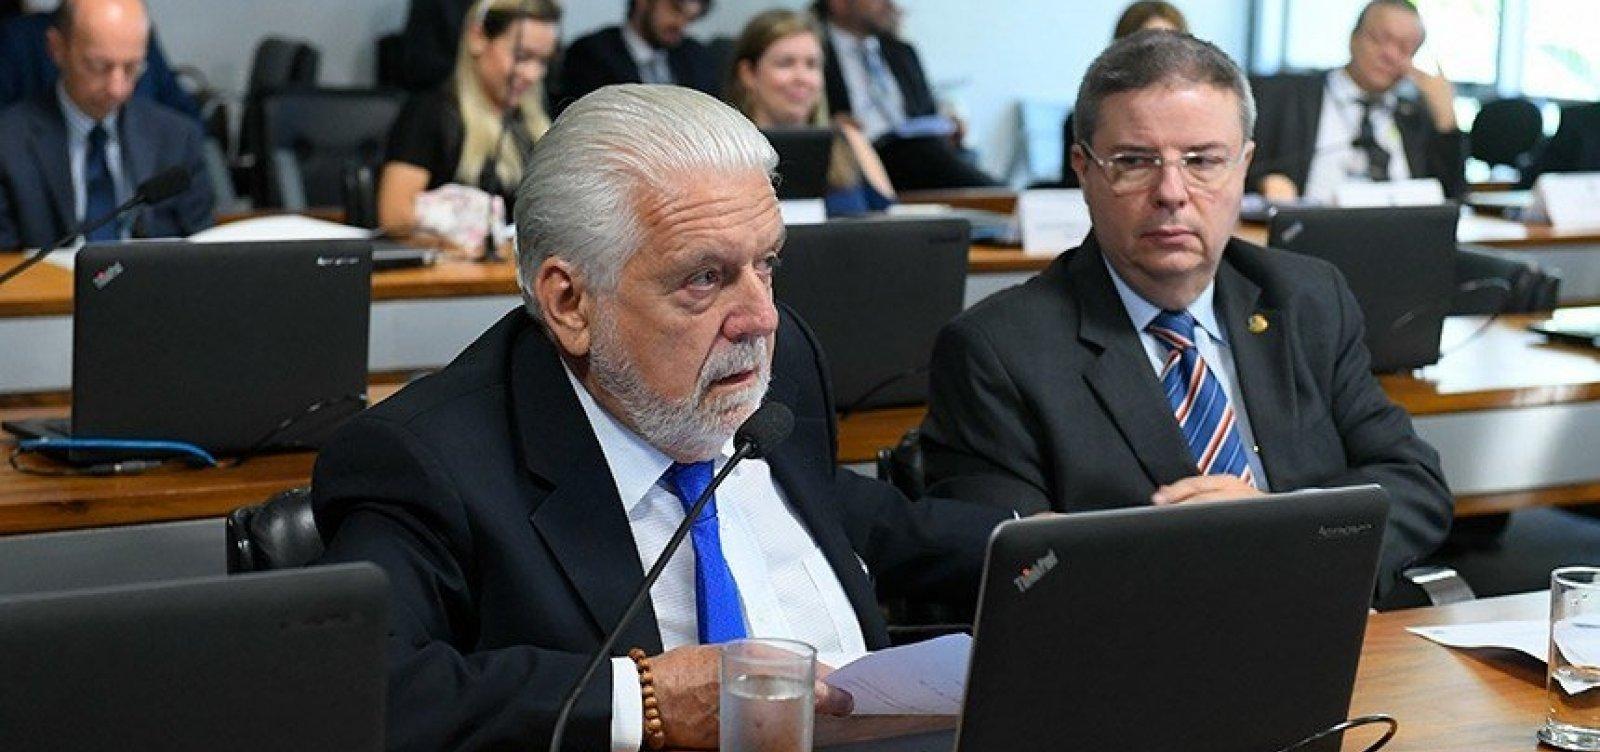 Investigação do caso Leros é prorrogada por mais 60 dias